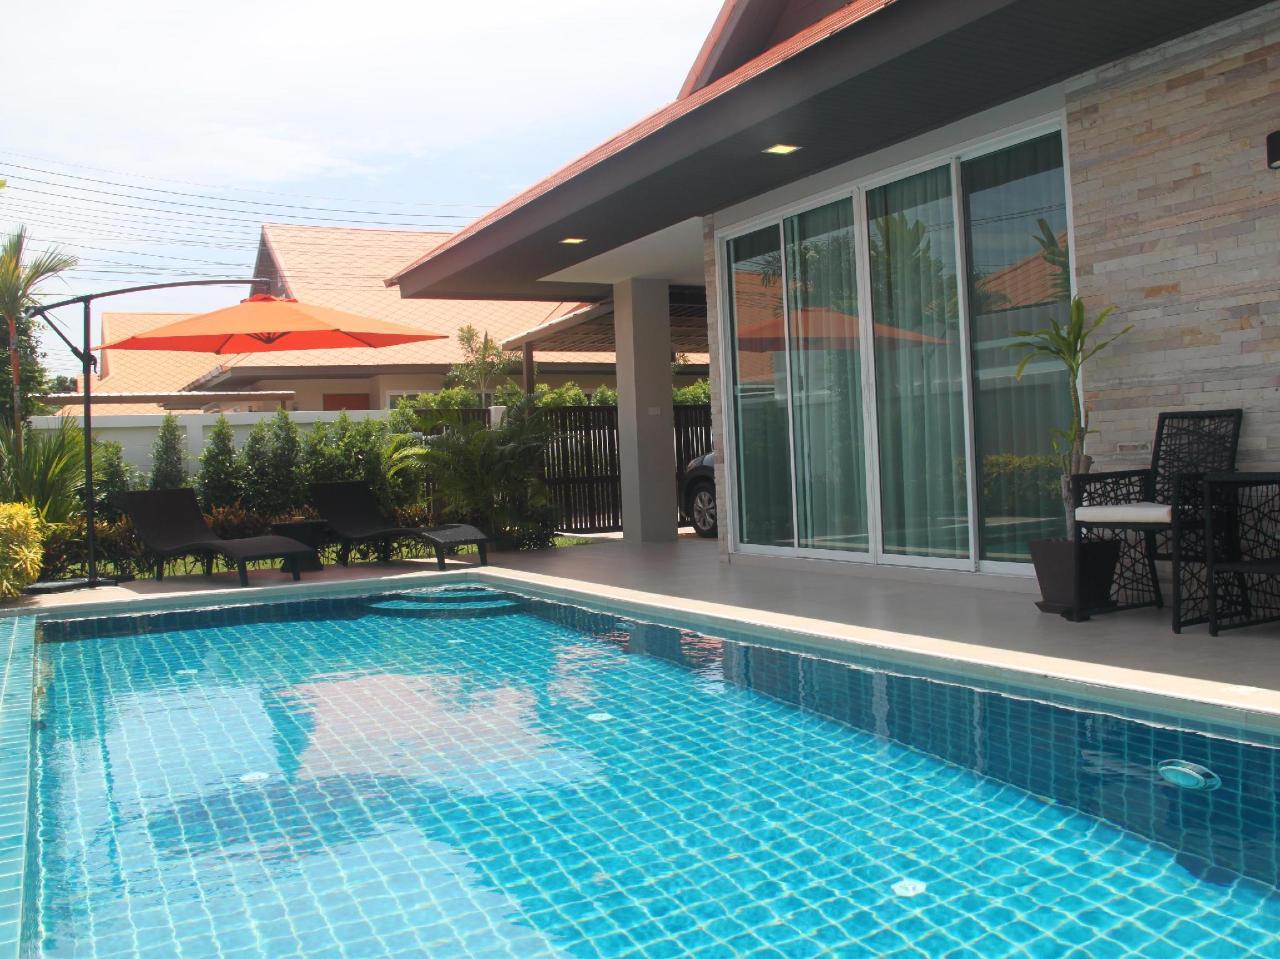 เดอะ วีลล์ พูล วิลลา จอมเทียน (The Ville Pool Villa Jomtien)